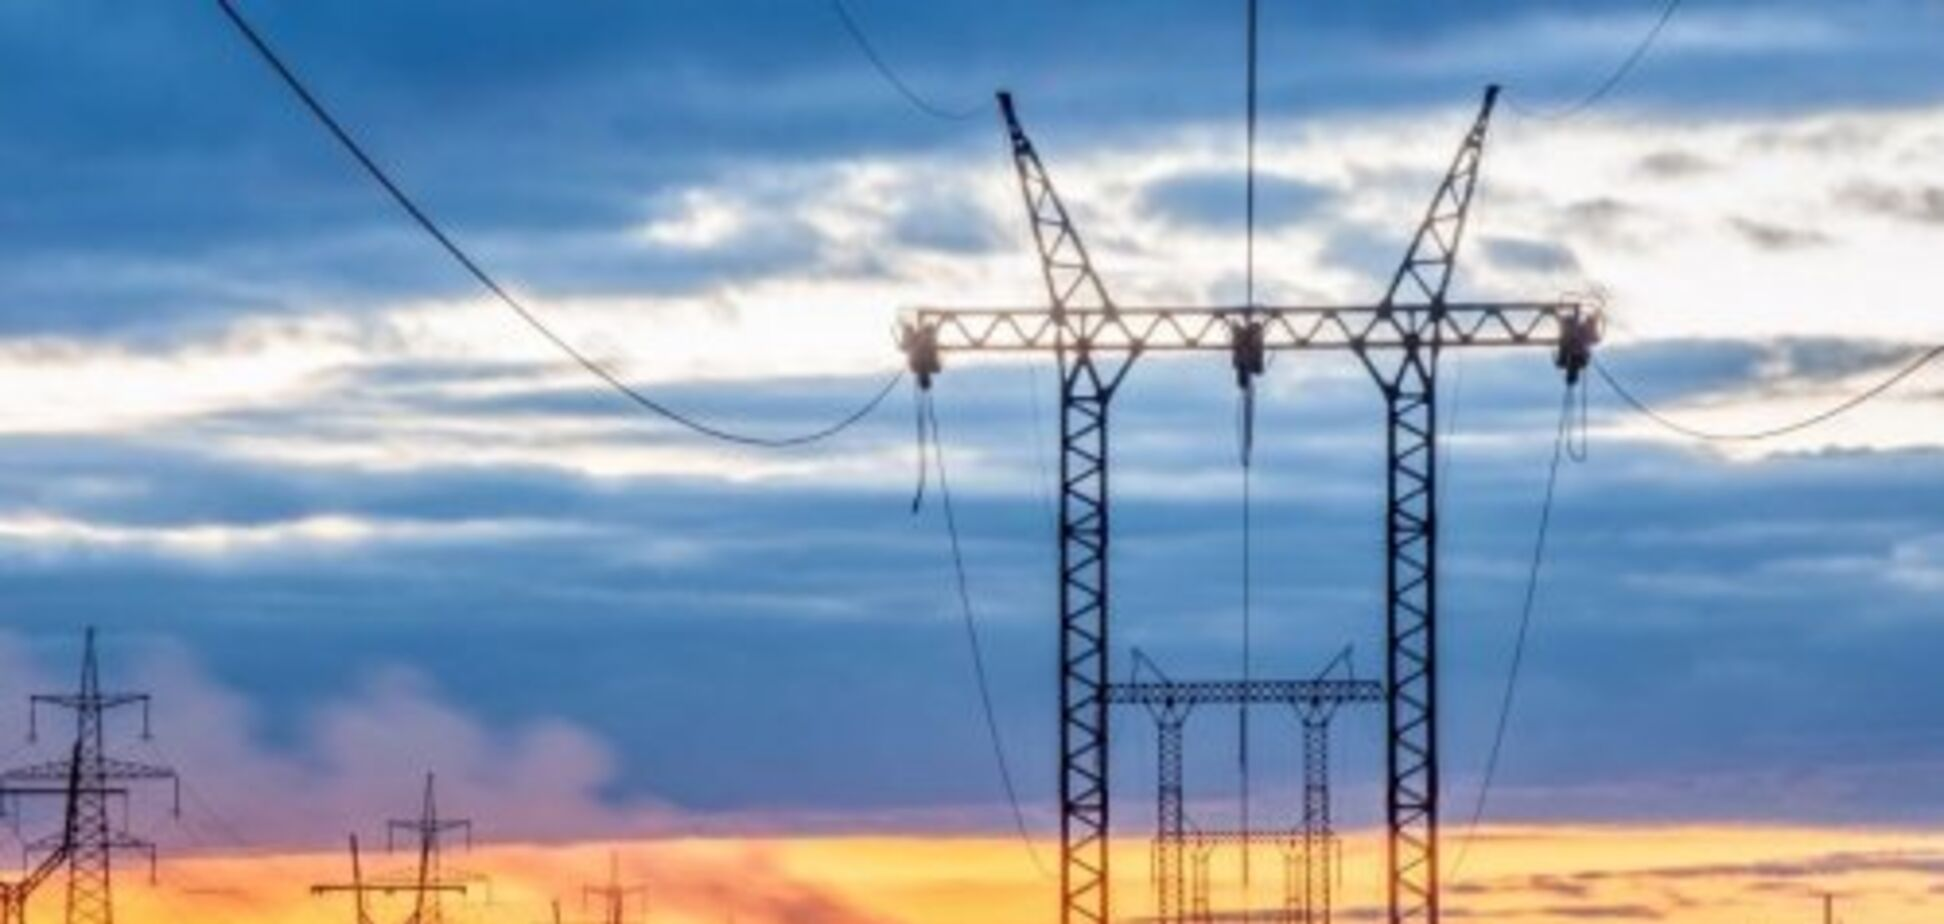 Інфраструктура електричних мереж у 5 разів більше, ніж дороги, потребує оновлення – генеральний директор ДТЕК Мережі